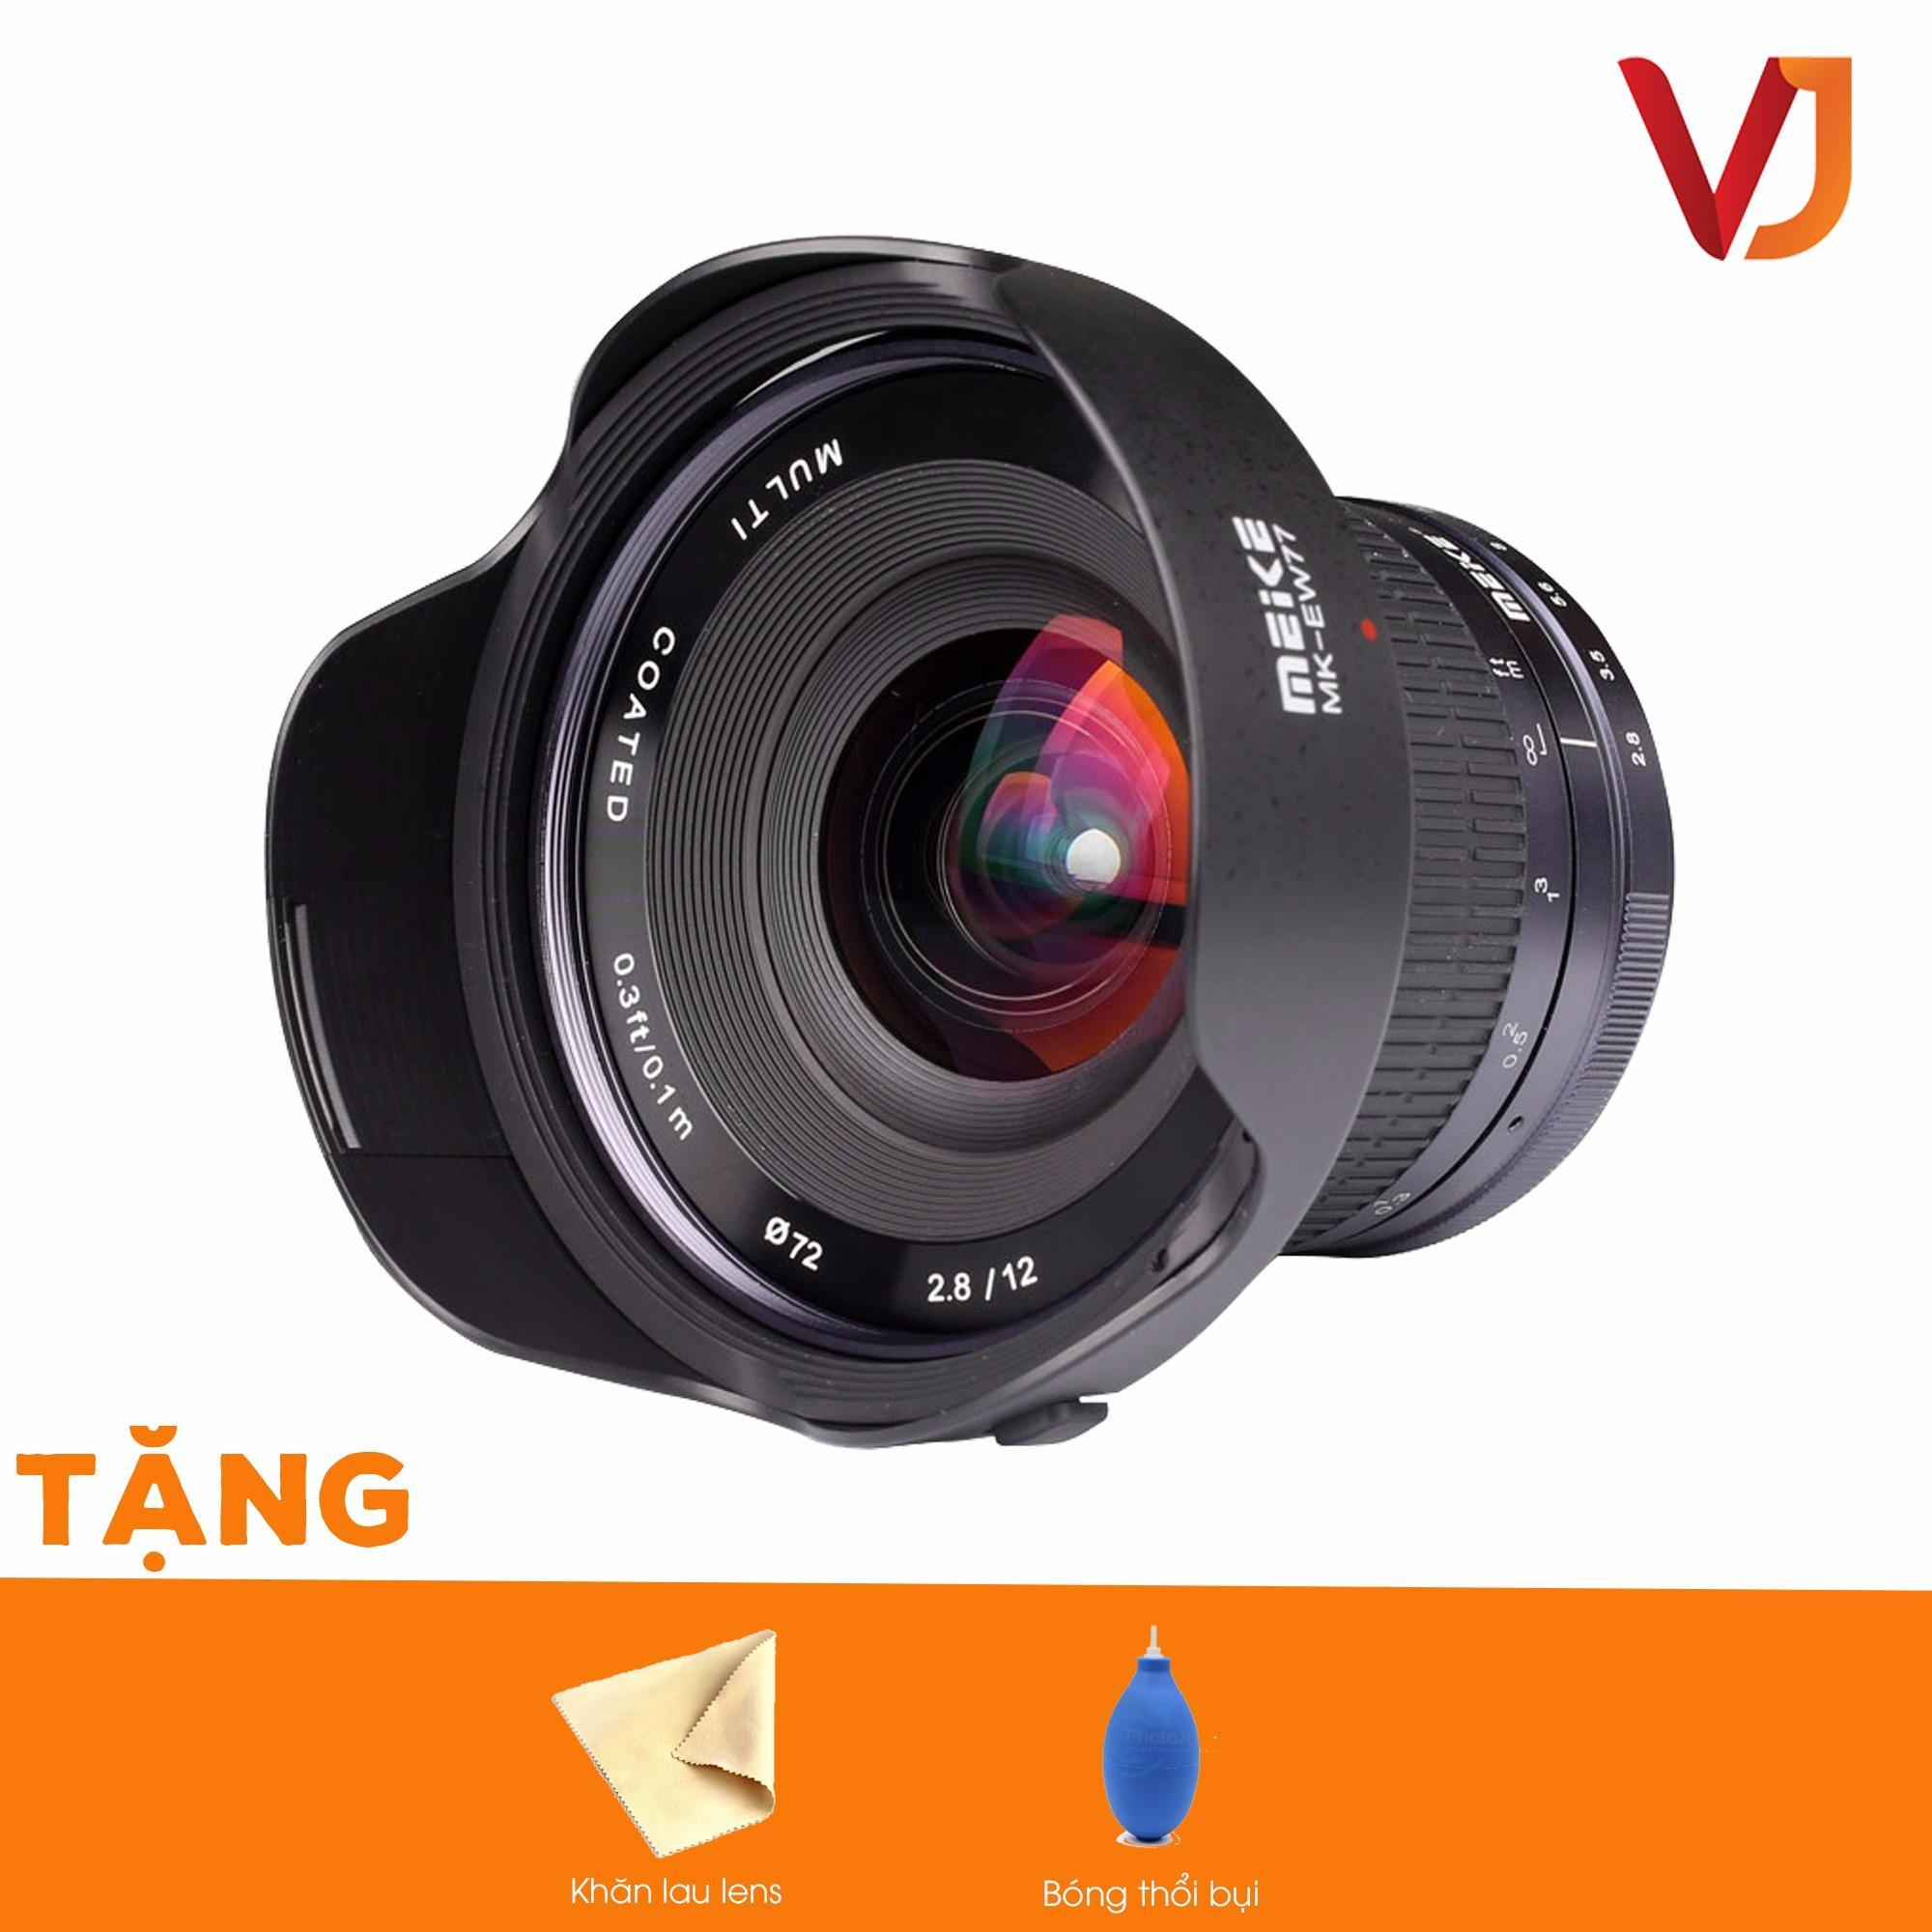 Lens MF Meike 12mm f2.8 ngàm Fujifilm FX- Bảo hành 6 tháng + Tặng bóng thổi bụi + Khăn lau...